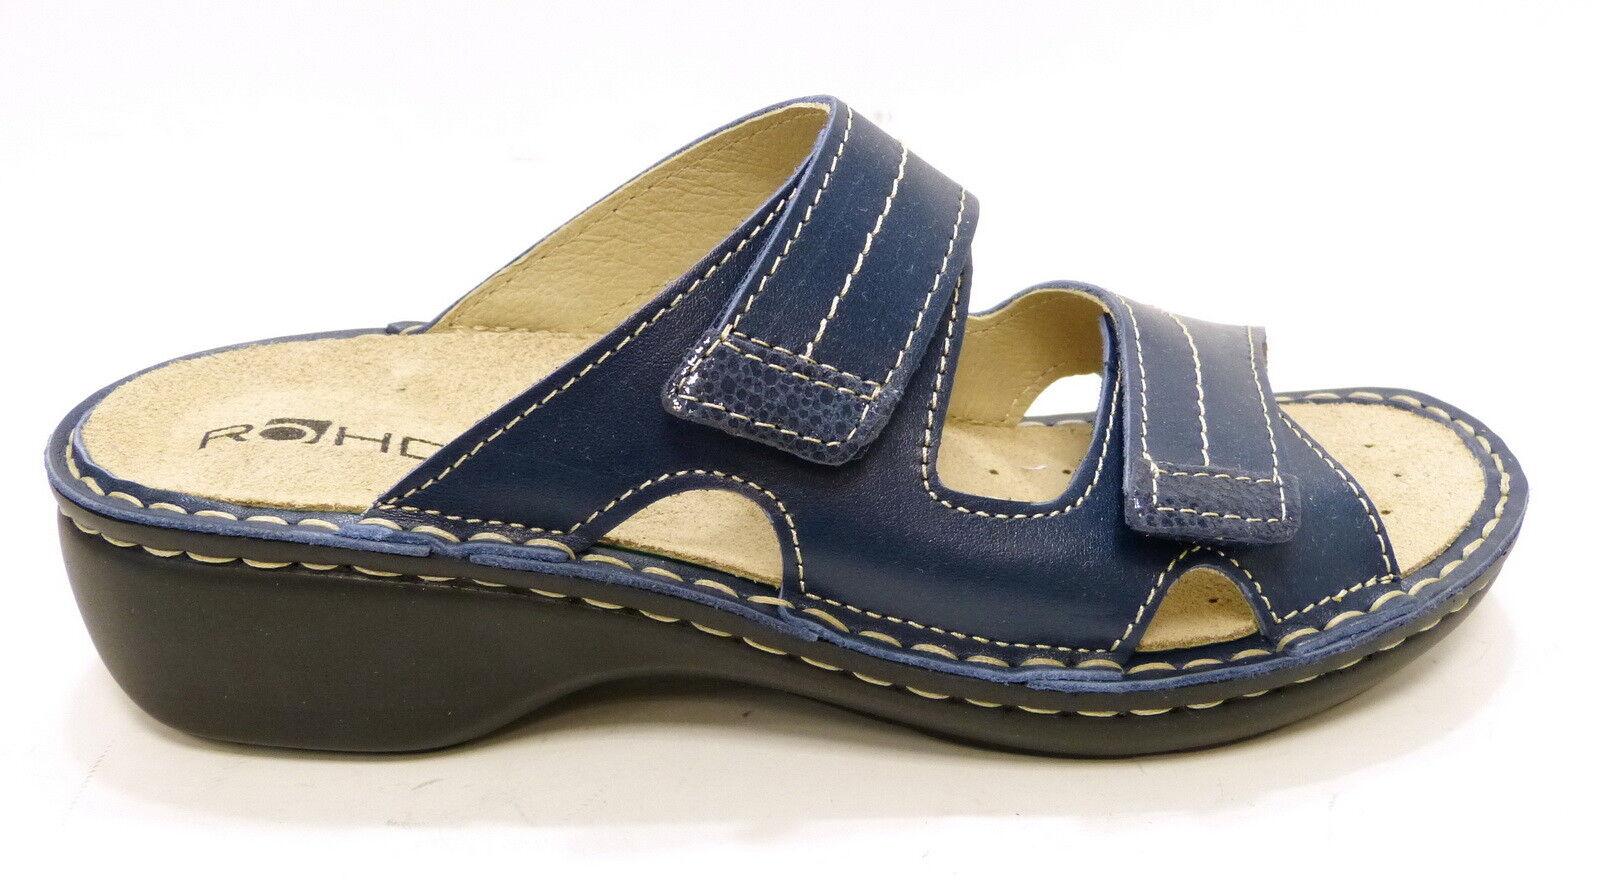 Rohde Pantolette blau Schlappe Weichbett loses Fußbett 5777 50 blau Pantolette Klettverschluß f67e97